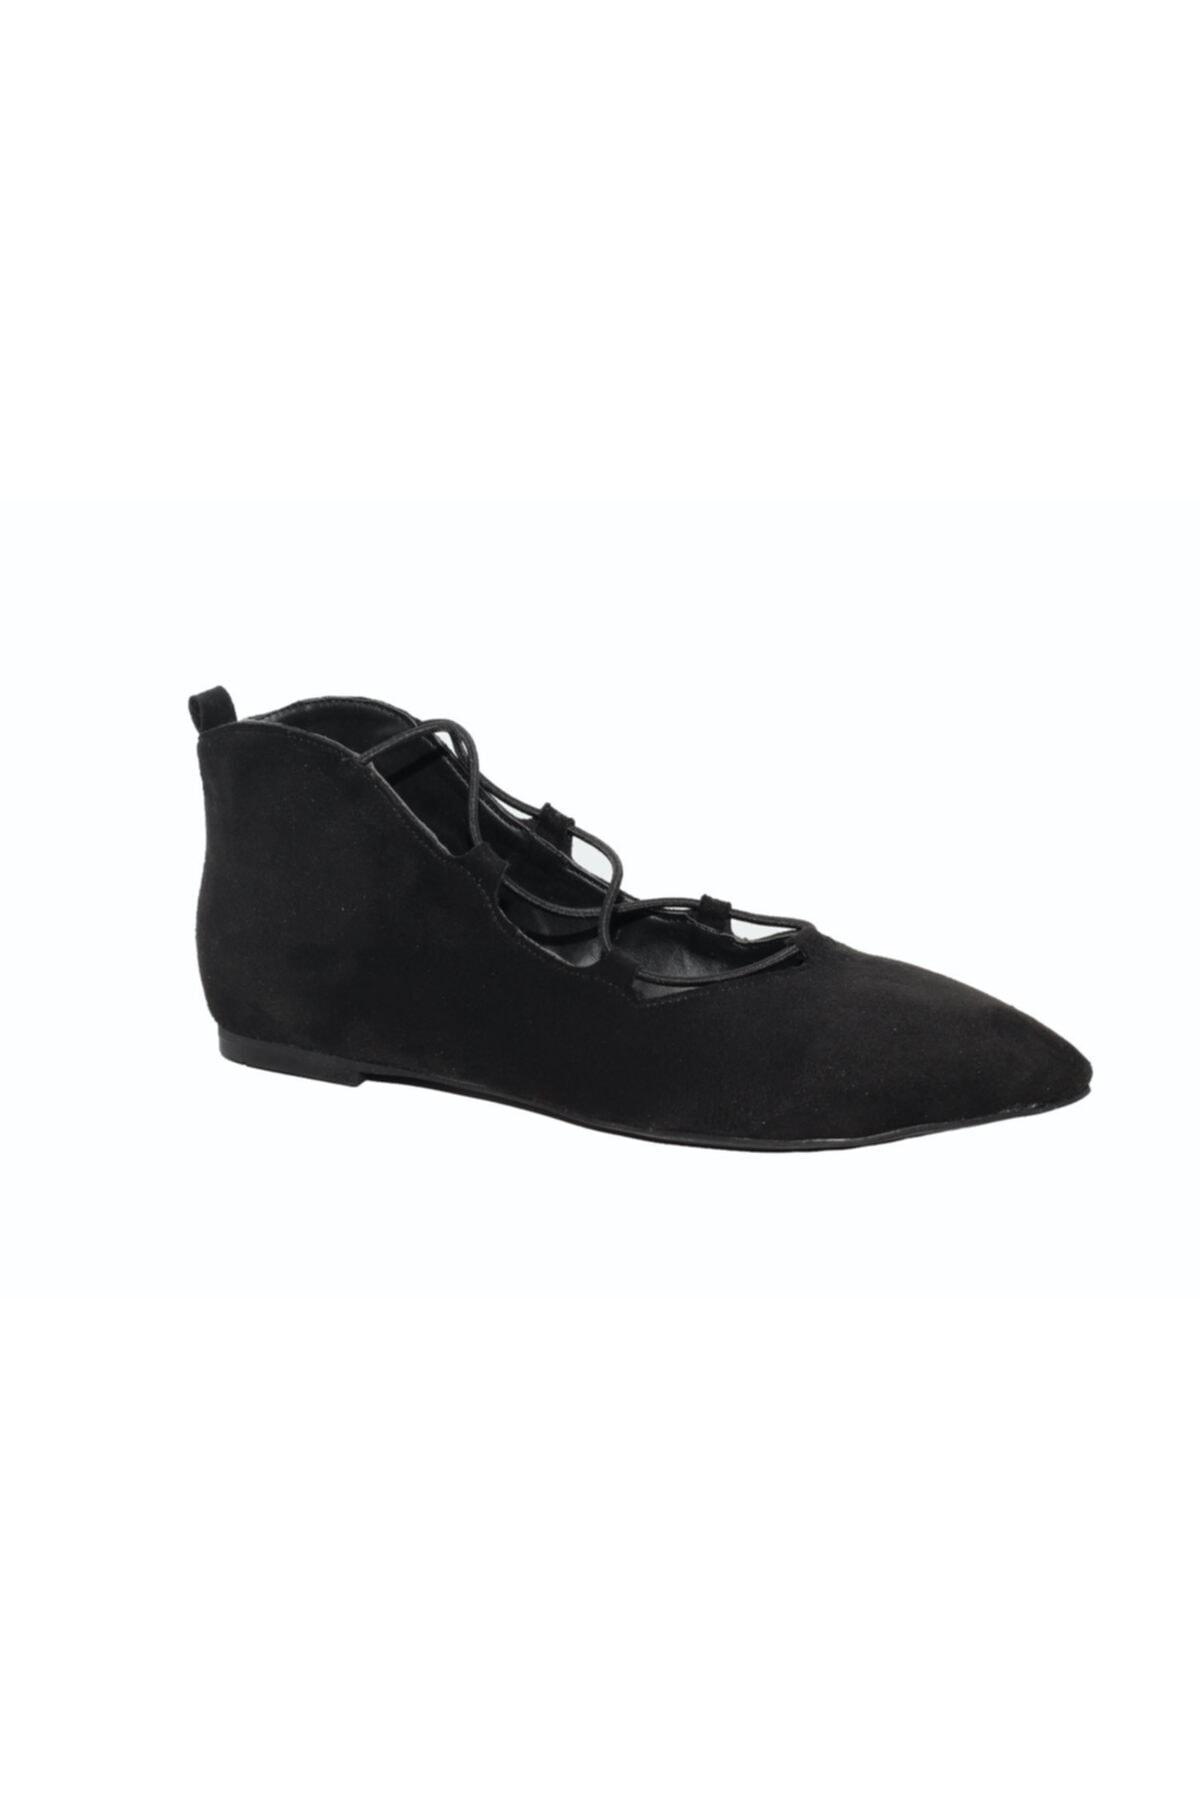 DİVUM Kadın Siyah Süet Ayakkabı 2